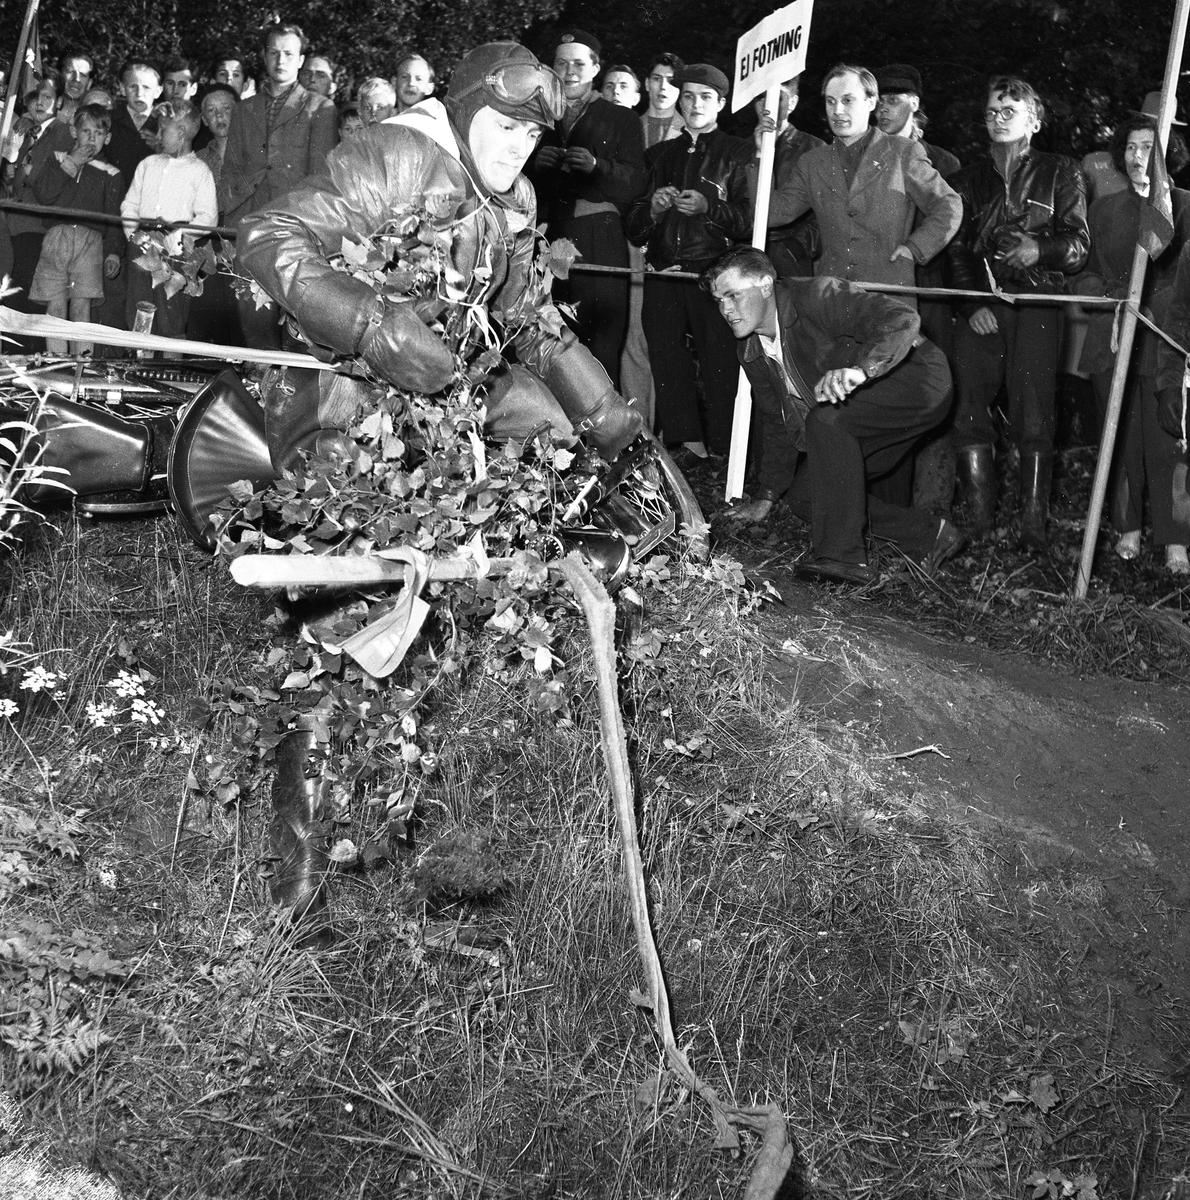 Arbogas Stjärnknutte. Tävling i terrängkörning med motorcykel. Publiken står alldeles intill banan.